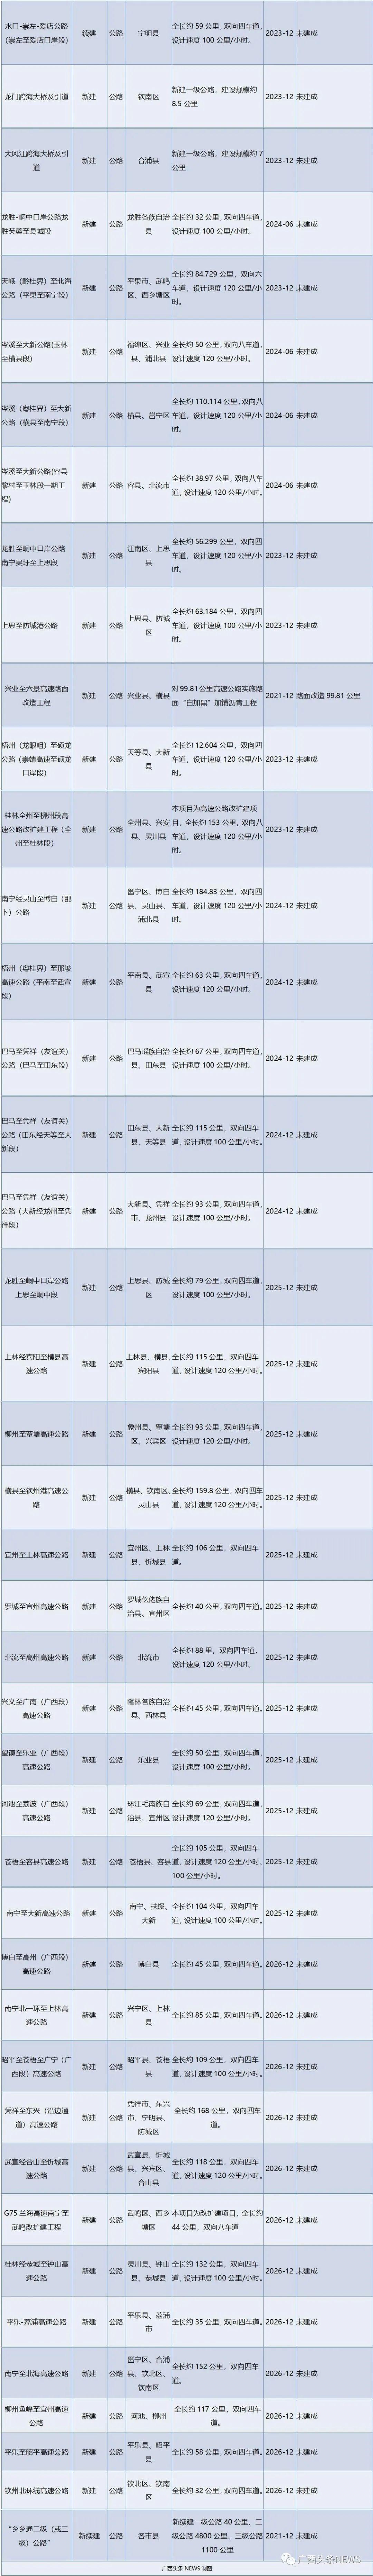 广西将建时速350公里北上高铁,还有一批铁路、高速要开建2311 作者:中新网广西 帖子ID:279363 广西,将建,建时,时速,350,